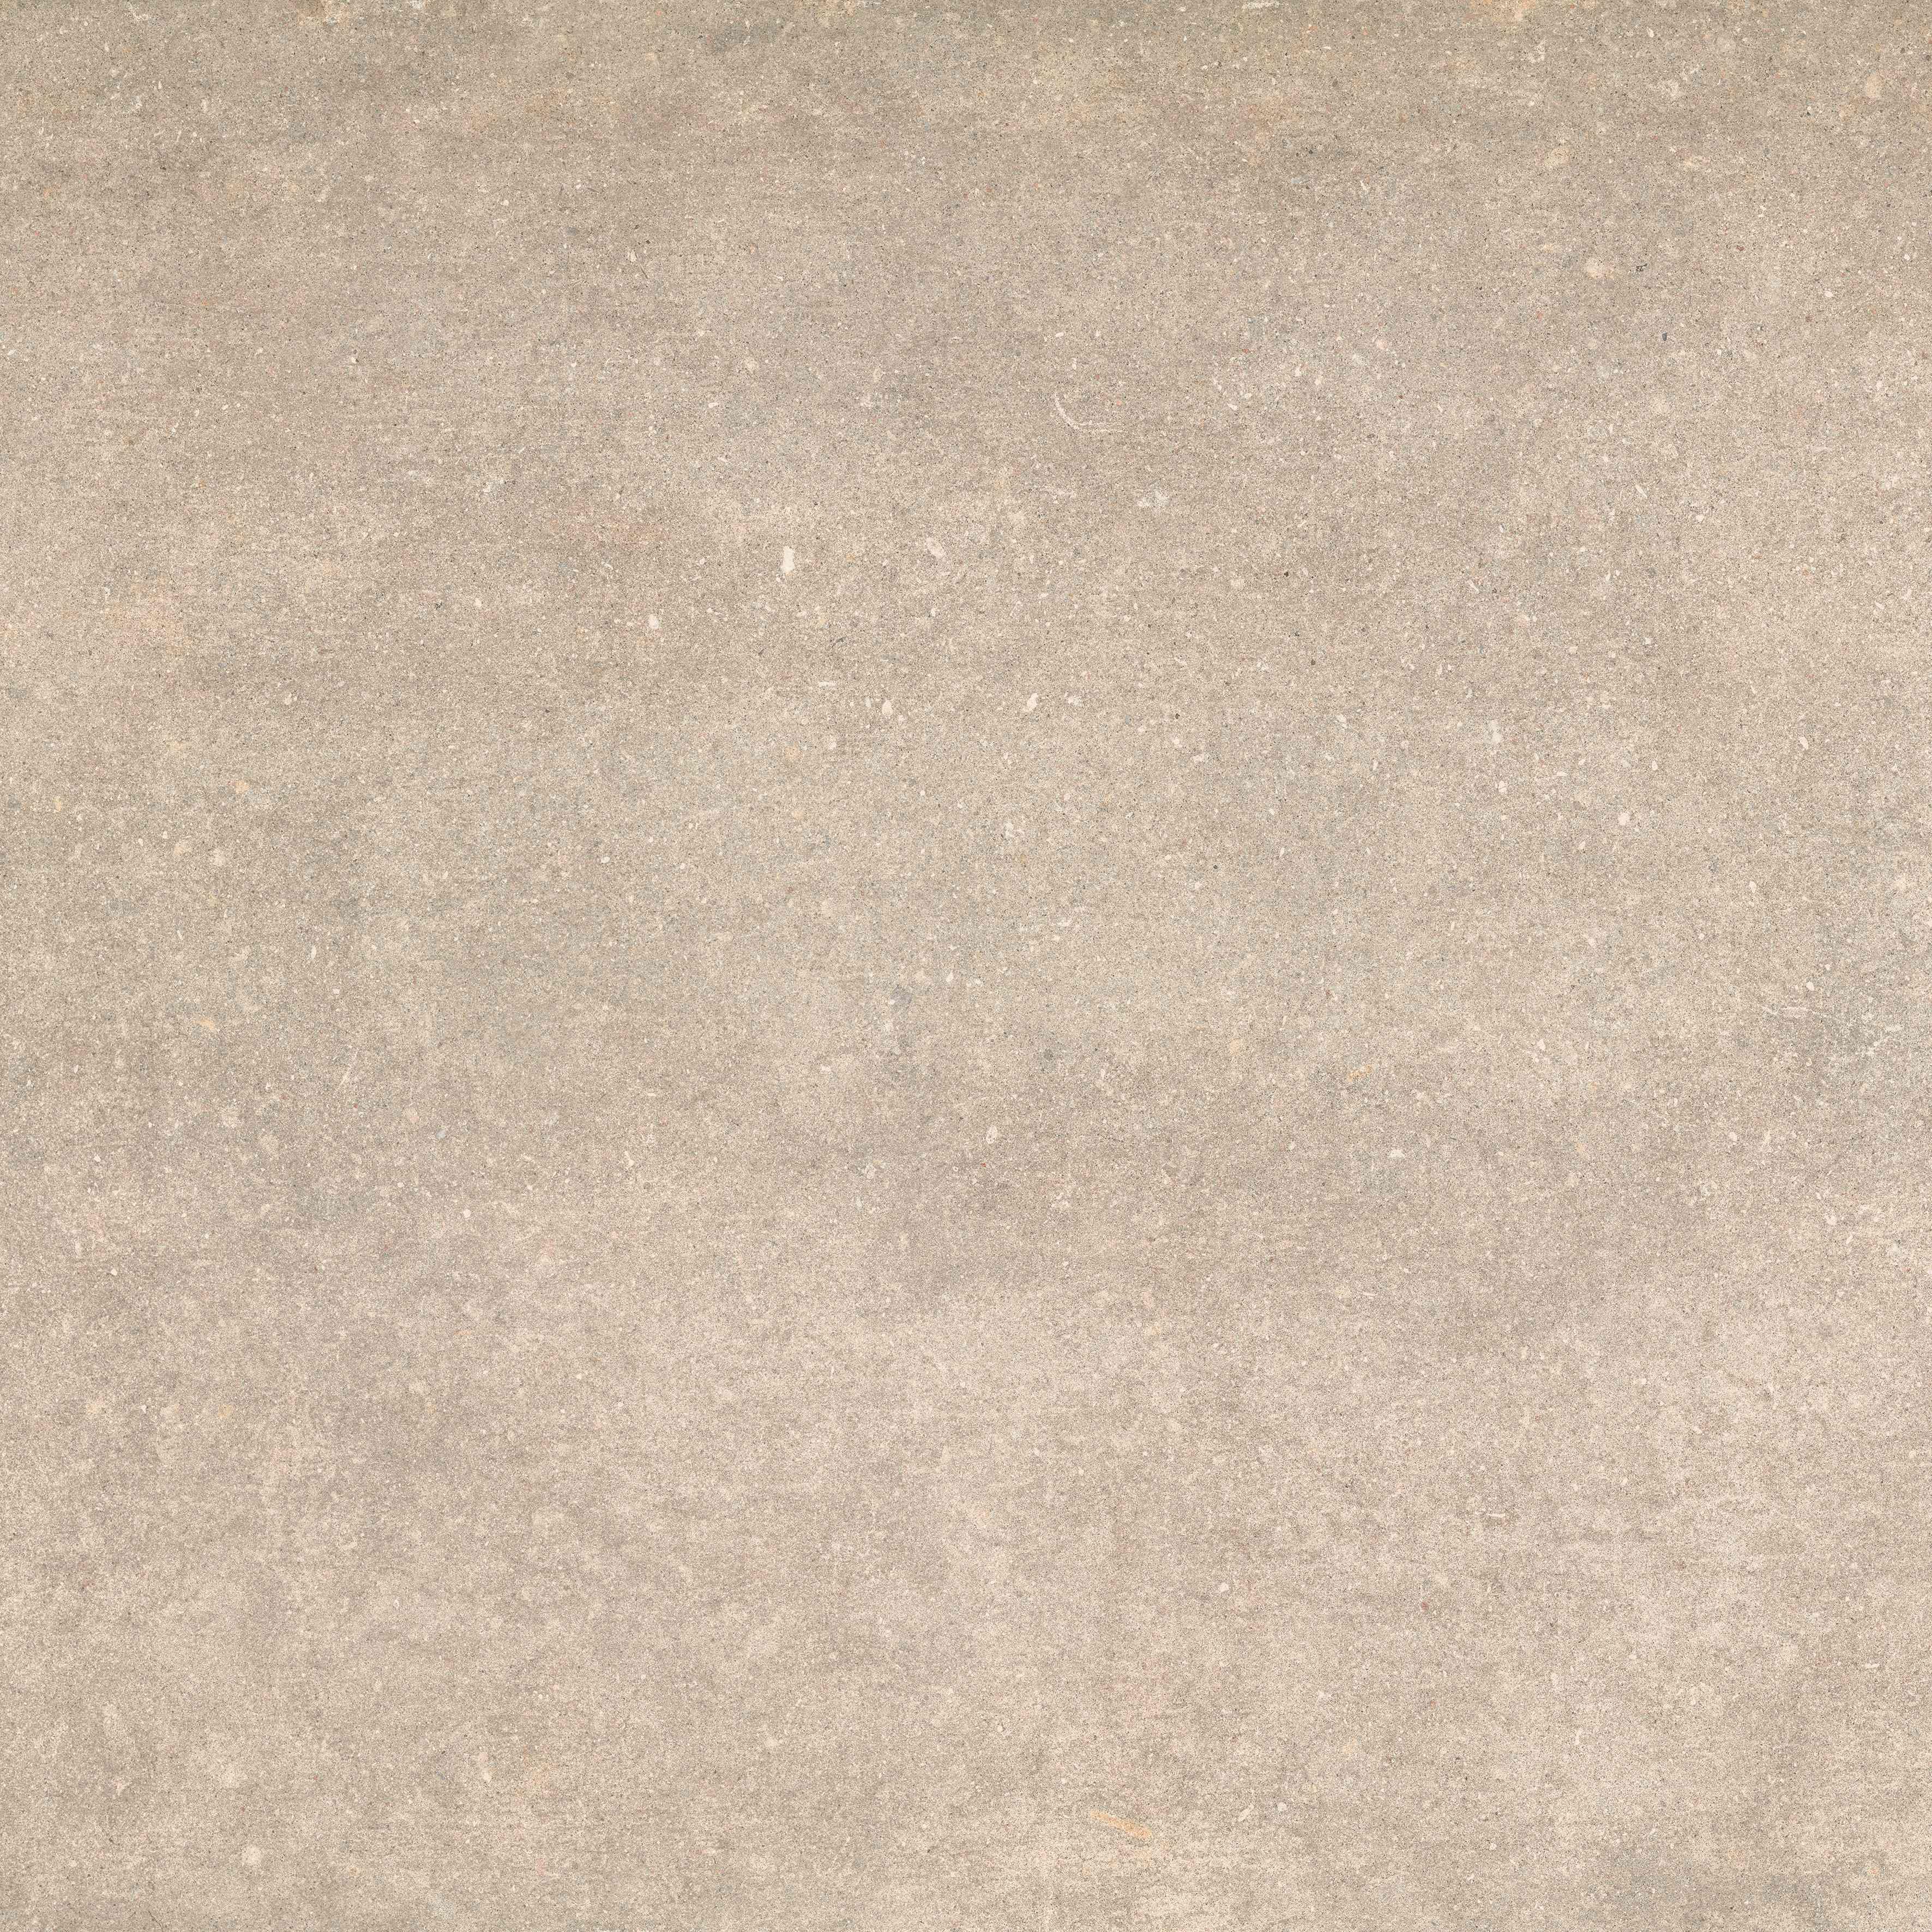 Плитка SABBIA (ZRXRM3R) изображение 5